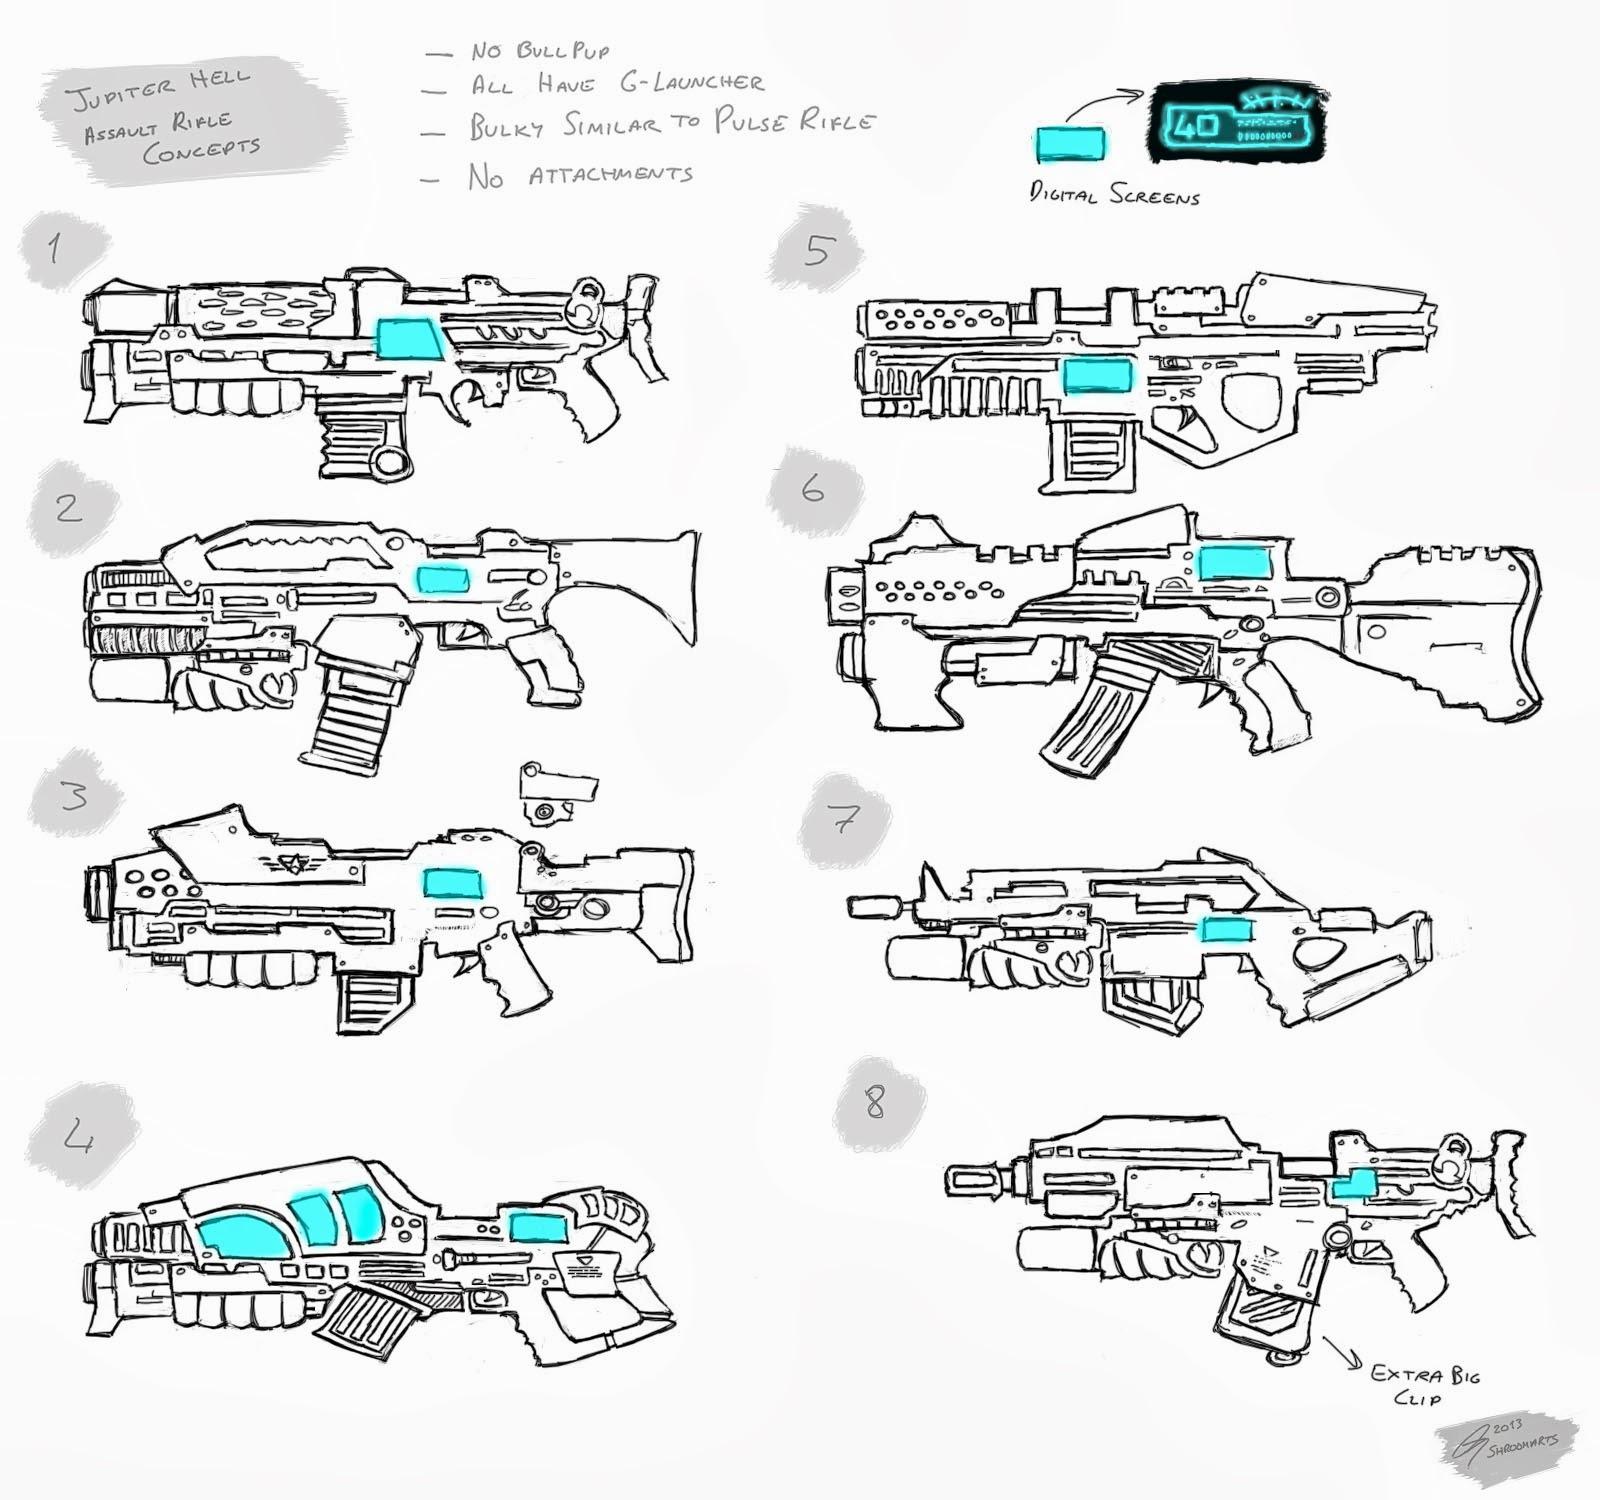 Jupiter Hell - Assault Rifle concepts